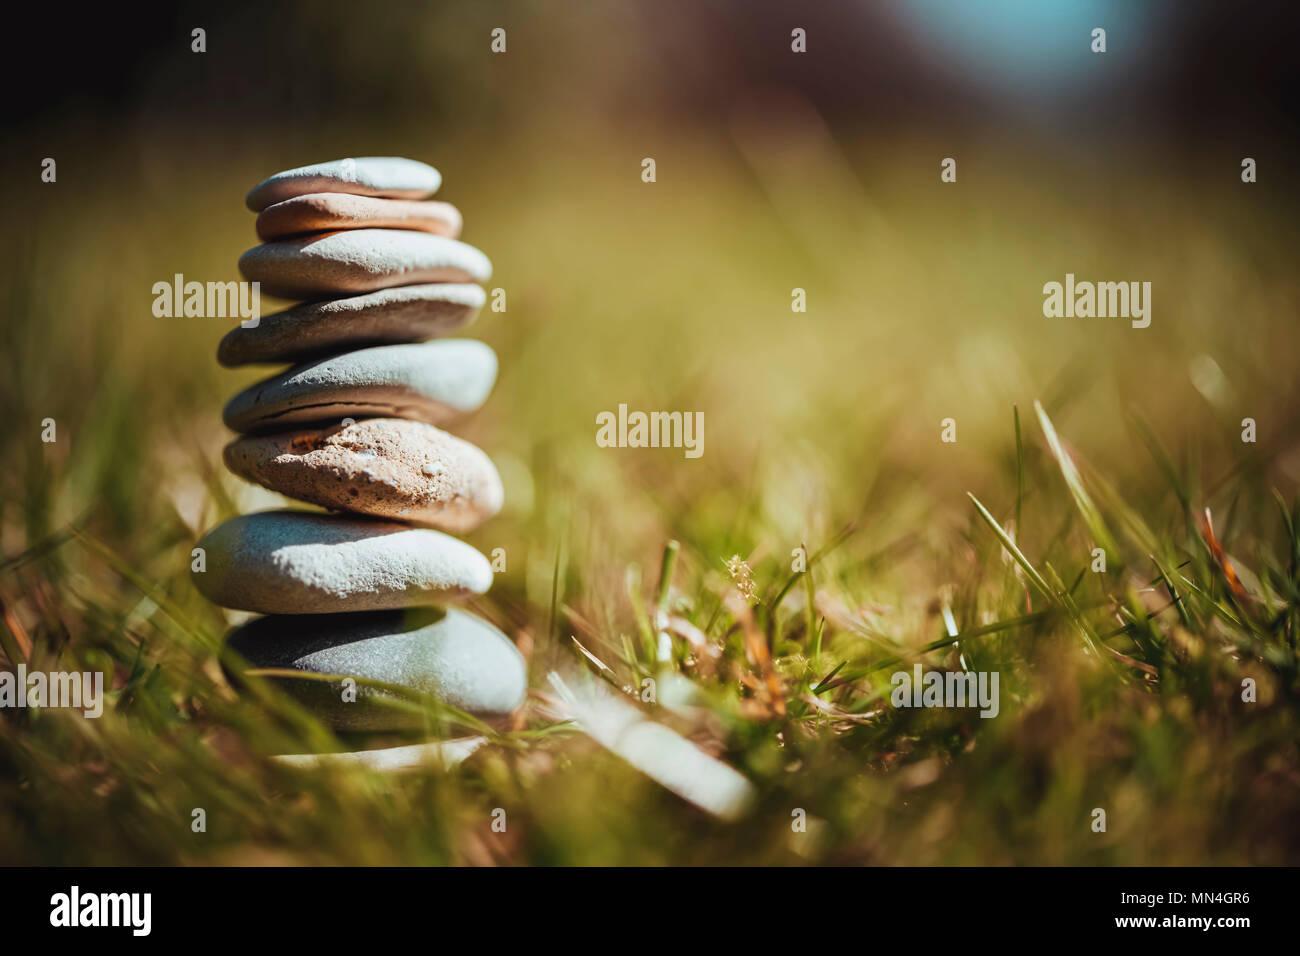 Stacked stones, tranquility, serenity, balance, Gestapelte Steine, Ruhe, Gelassenheit, Ausgeglichenheit Stock Photo